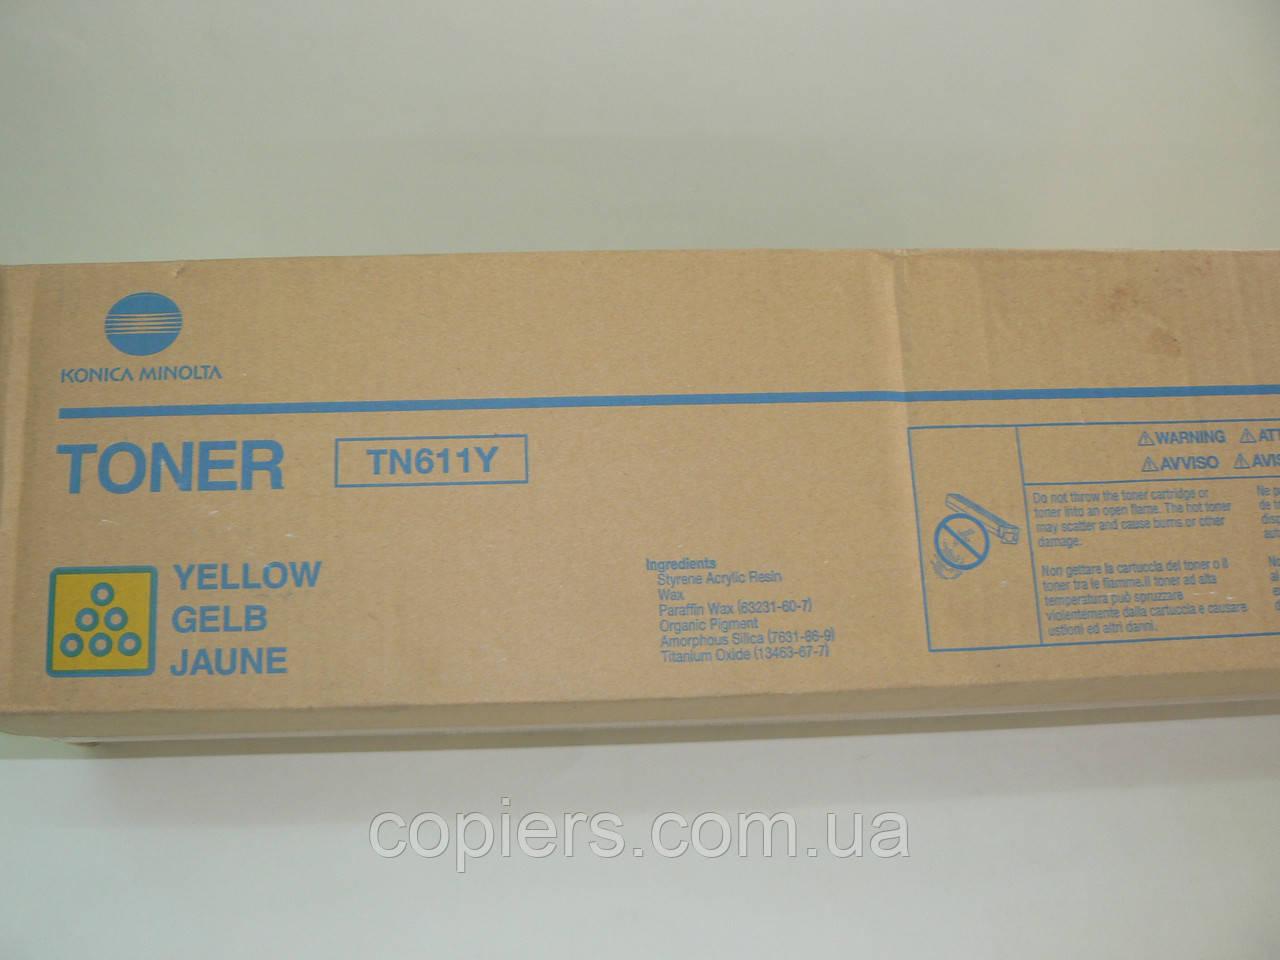 Toner TN611 Y bizhub C451, C550, C650, 27t, 460g, оригинал Konica Minolta